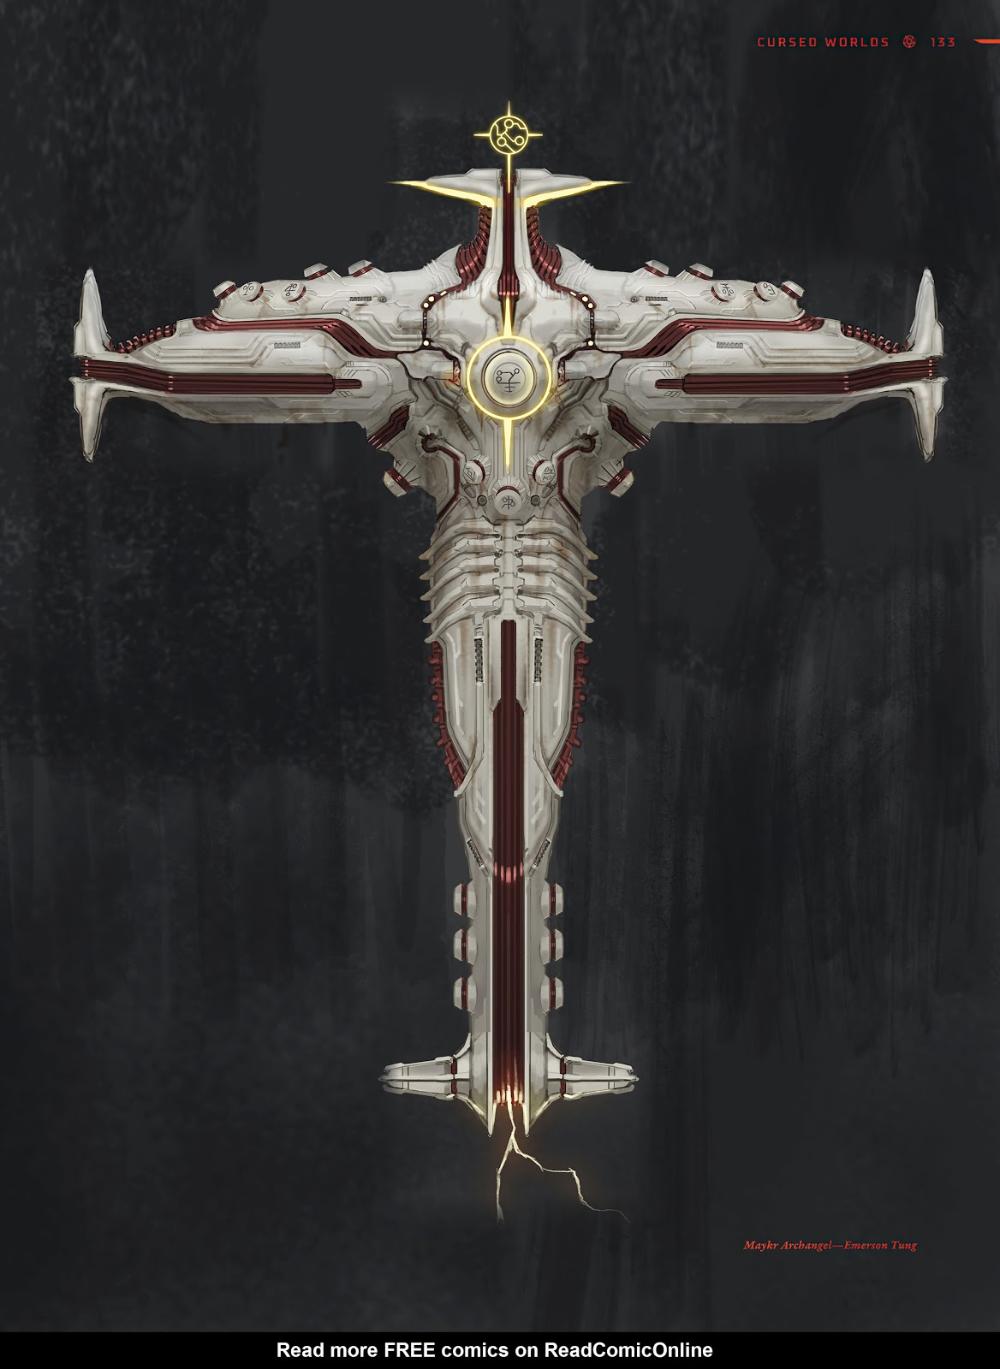 The Art Of Doom Eternal Tpb Part 2 Read The Art Of Doom Eternal Tpb Part 2 Comic Online In High Quality Archangels Dark Fantasy Art Doom